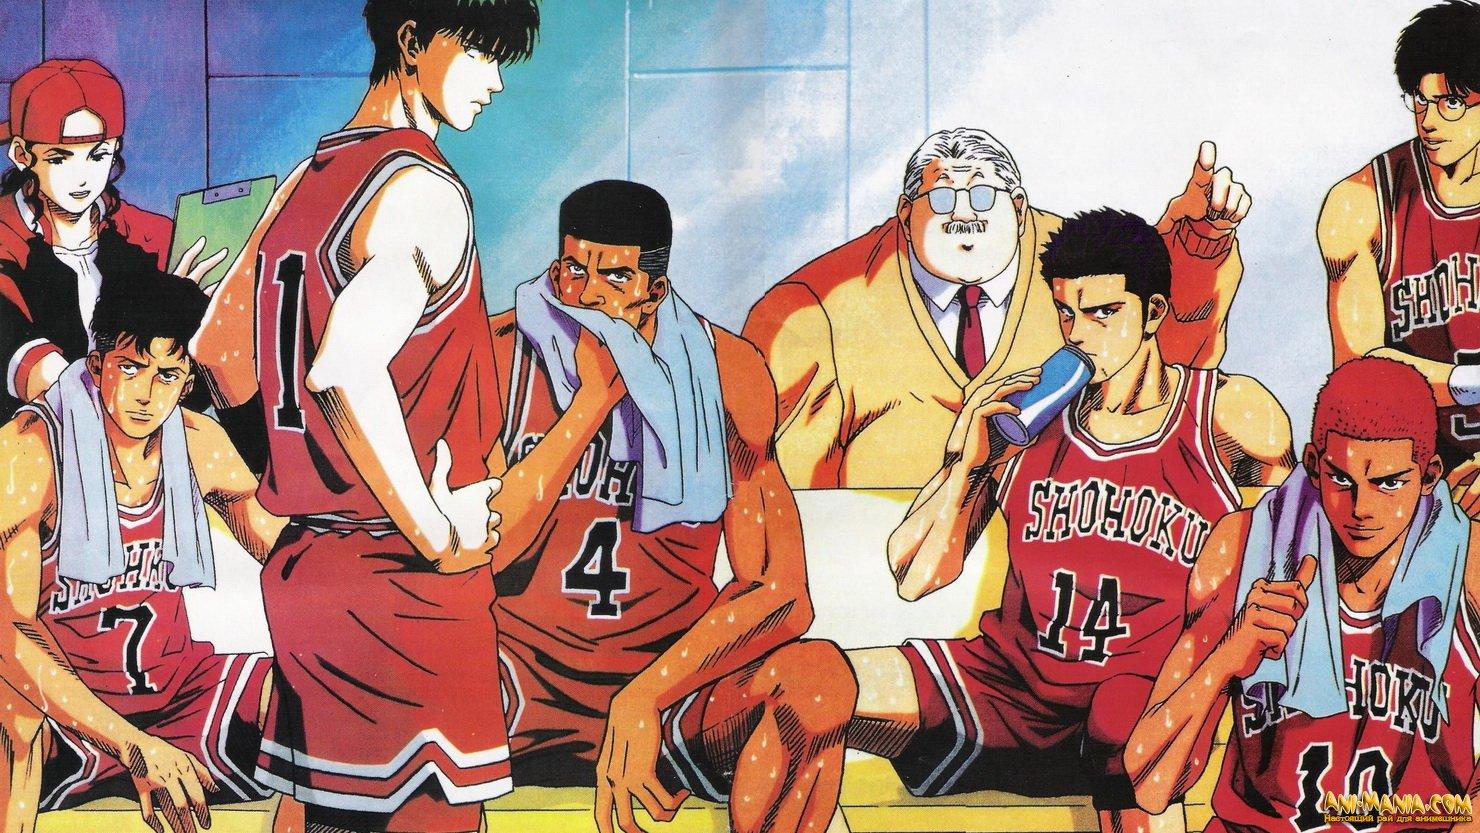 «Слэм-данк в кино» — дата выхода и другие подробности аниме-фильма по самой популярной спокон-манге